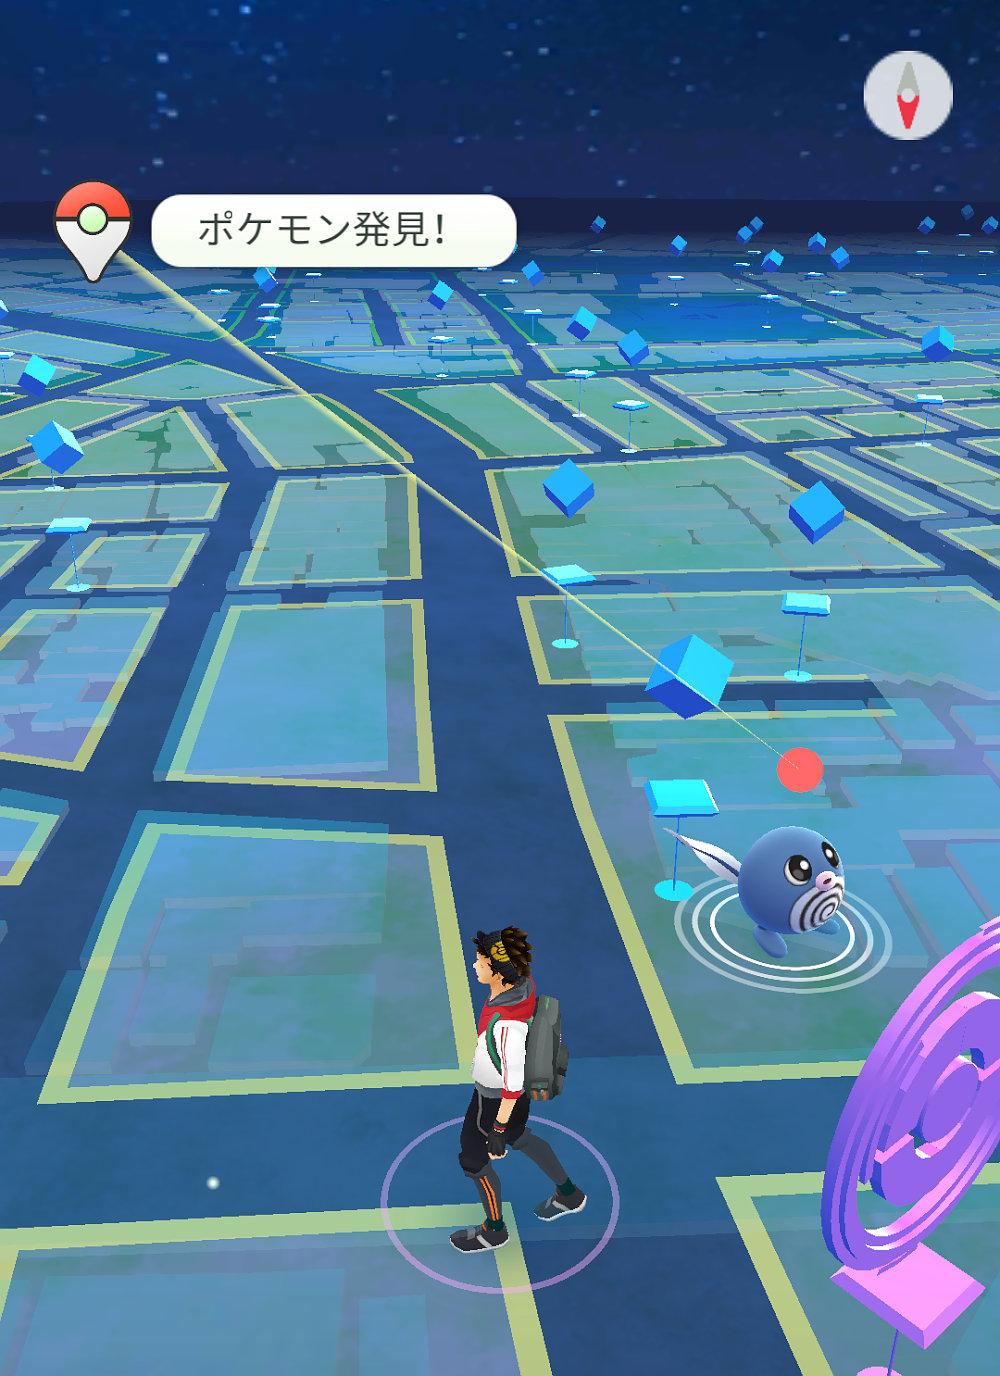 ポケモンgoが0.39へ更新、ポケモン捕獲場所の確認が可能に。googleマップ